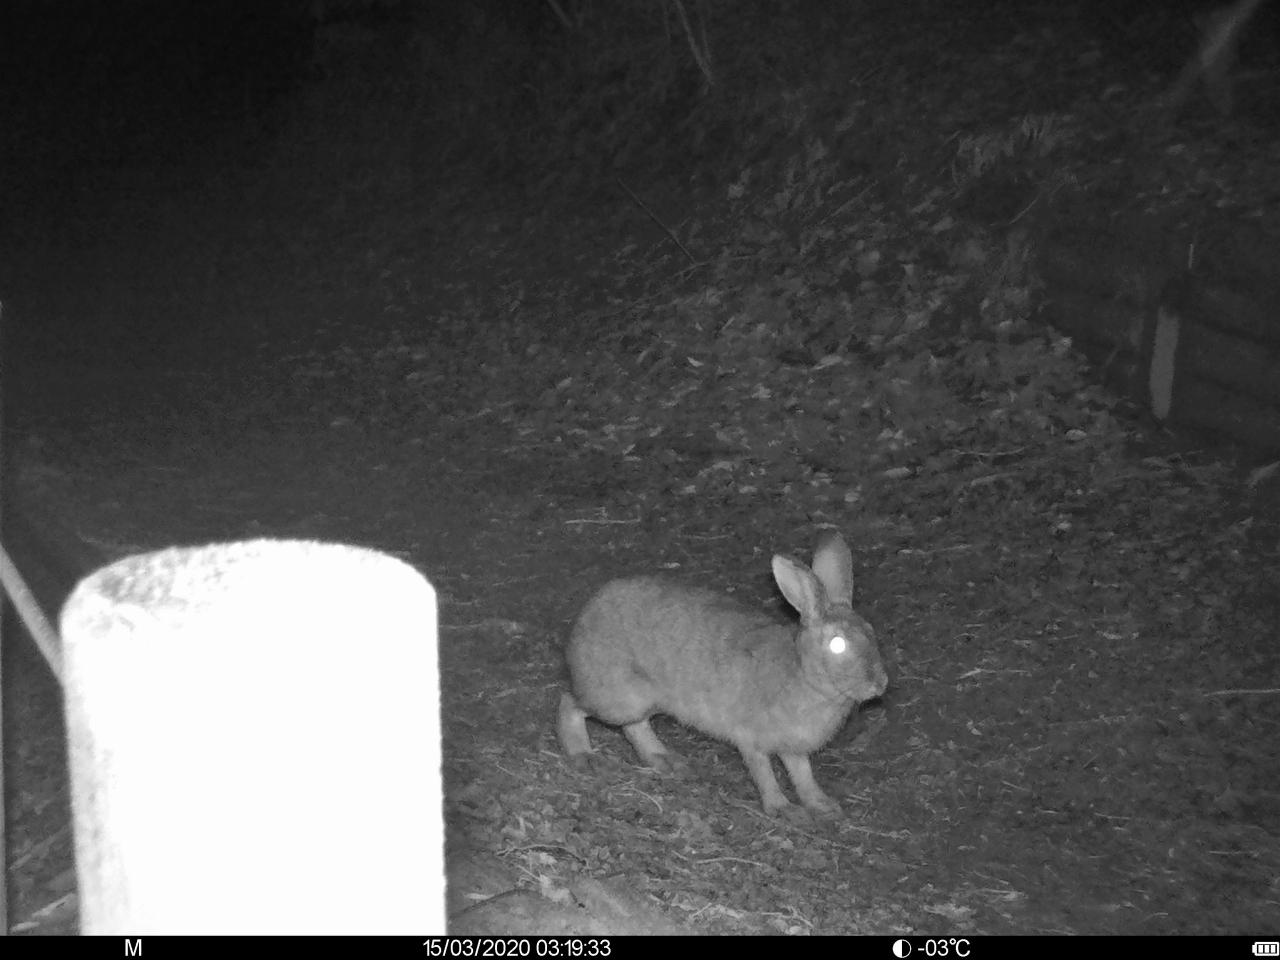 ウサギ(ニホンノウサギと推測)